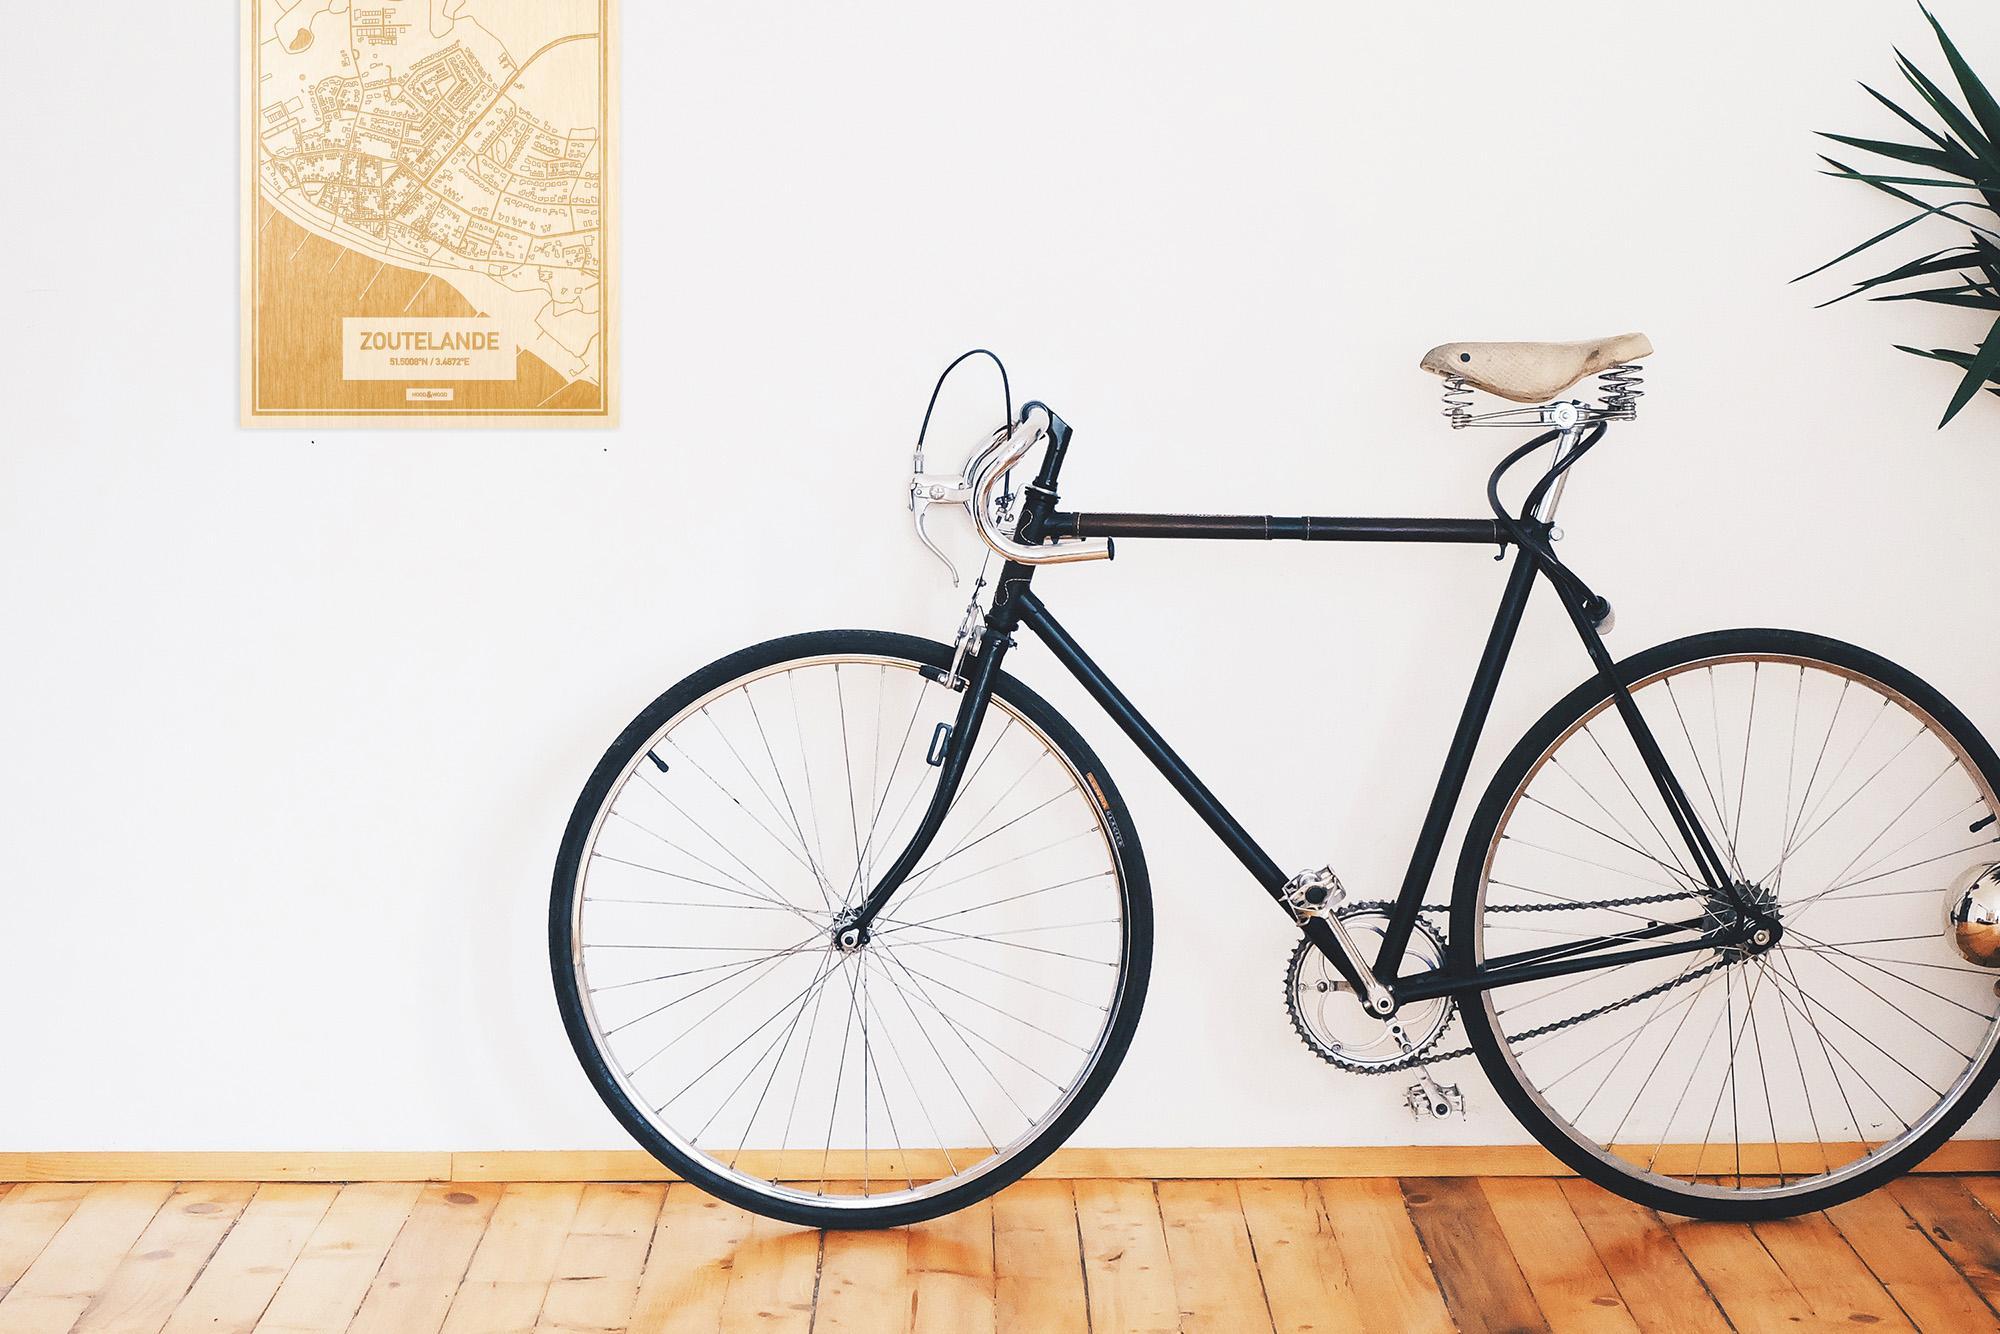 Een snelle fiets in een uniek interieur in Zeeland met mooie decoratie zoals de plattegrond Zoutelande.